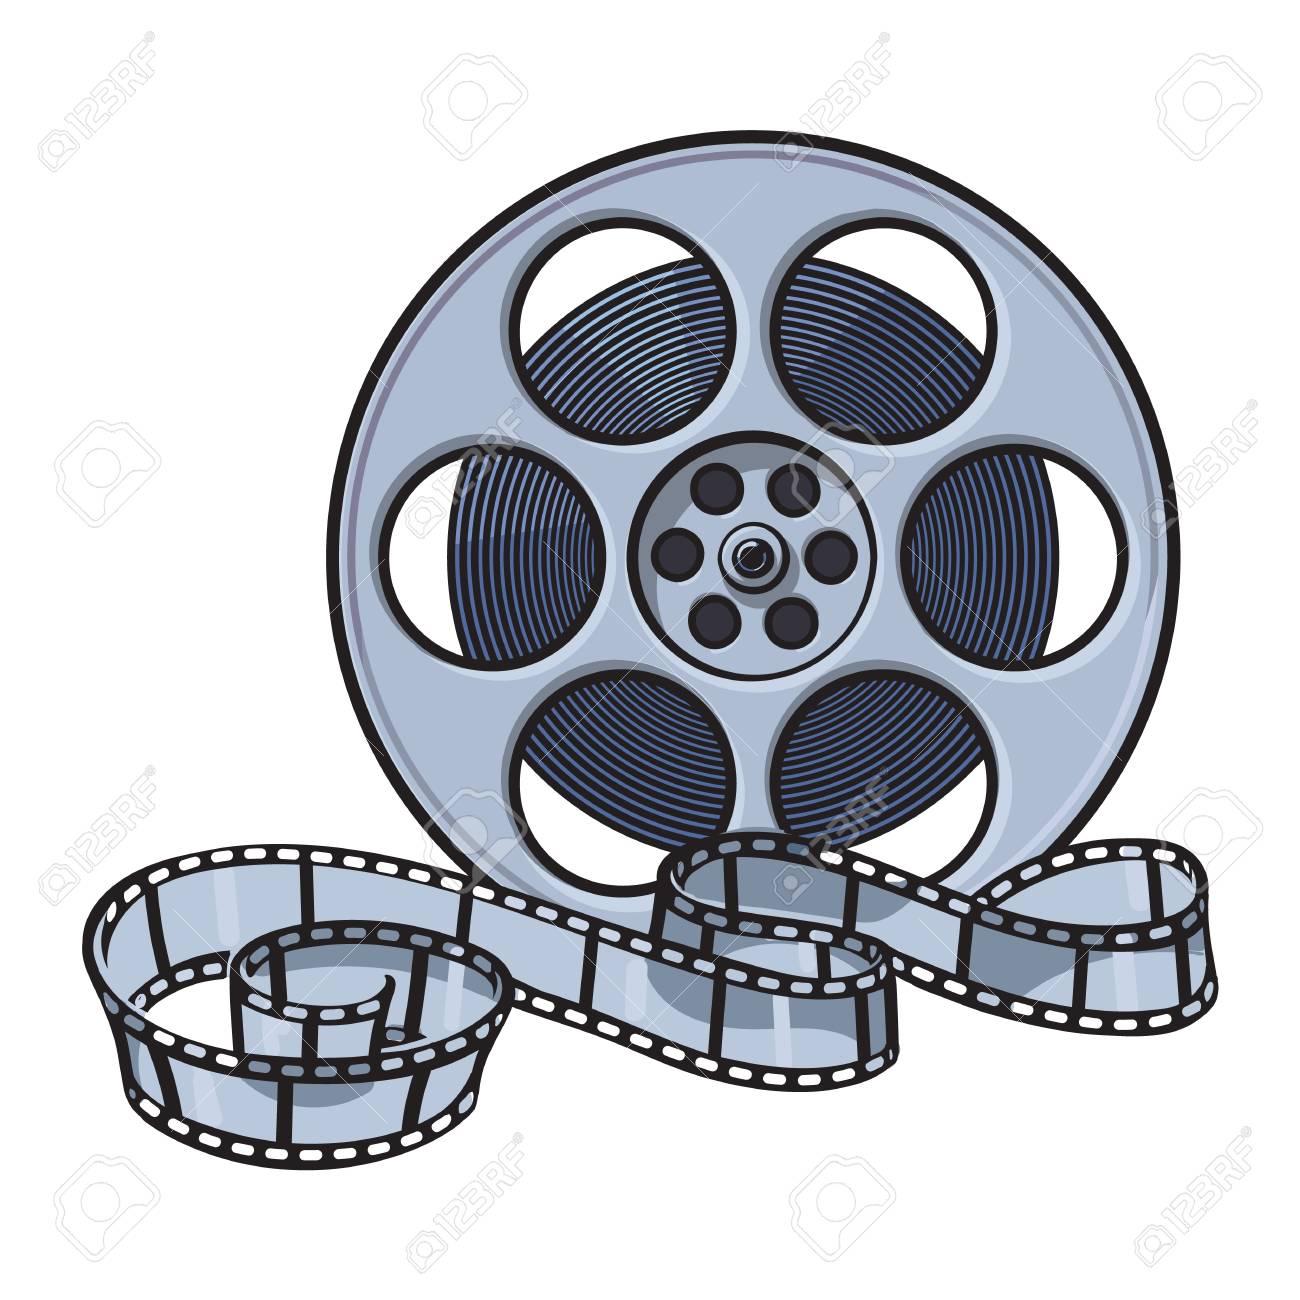 Filmrolle Gezeichnet